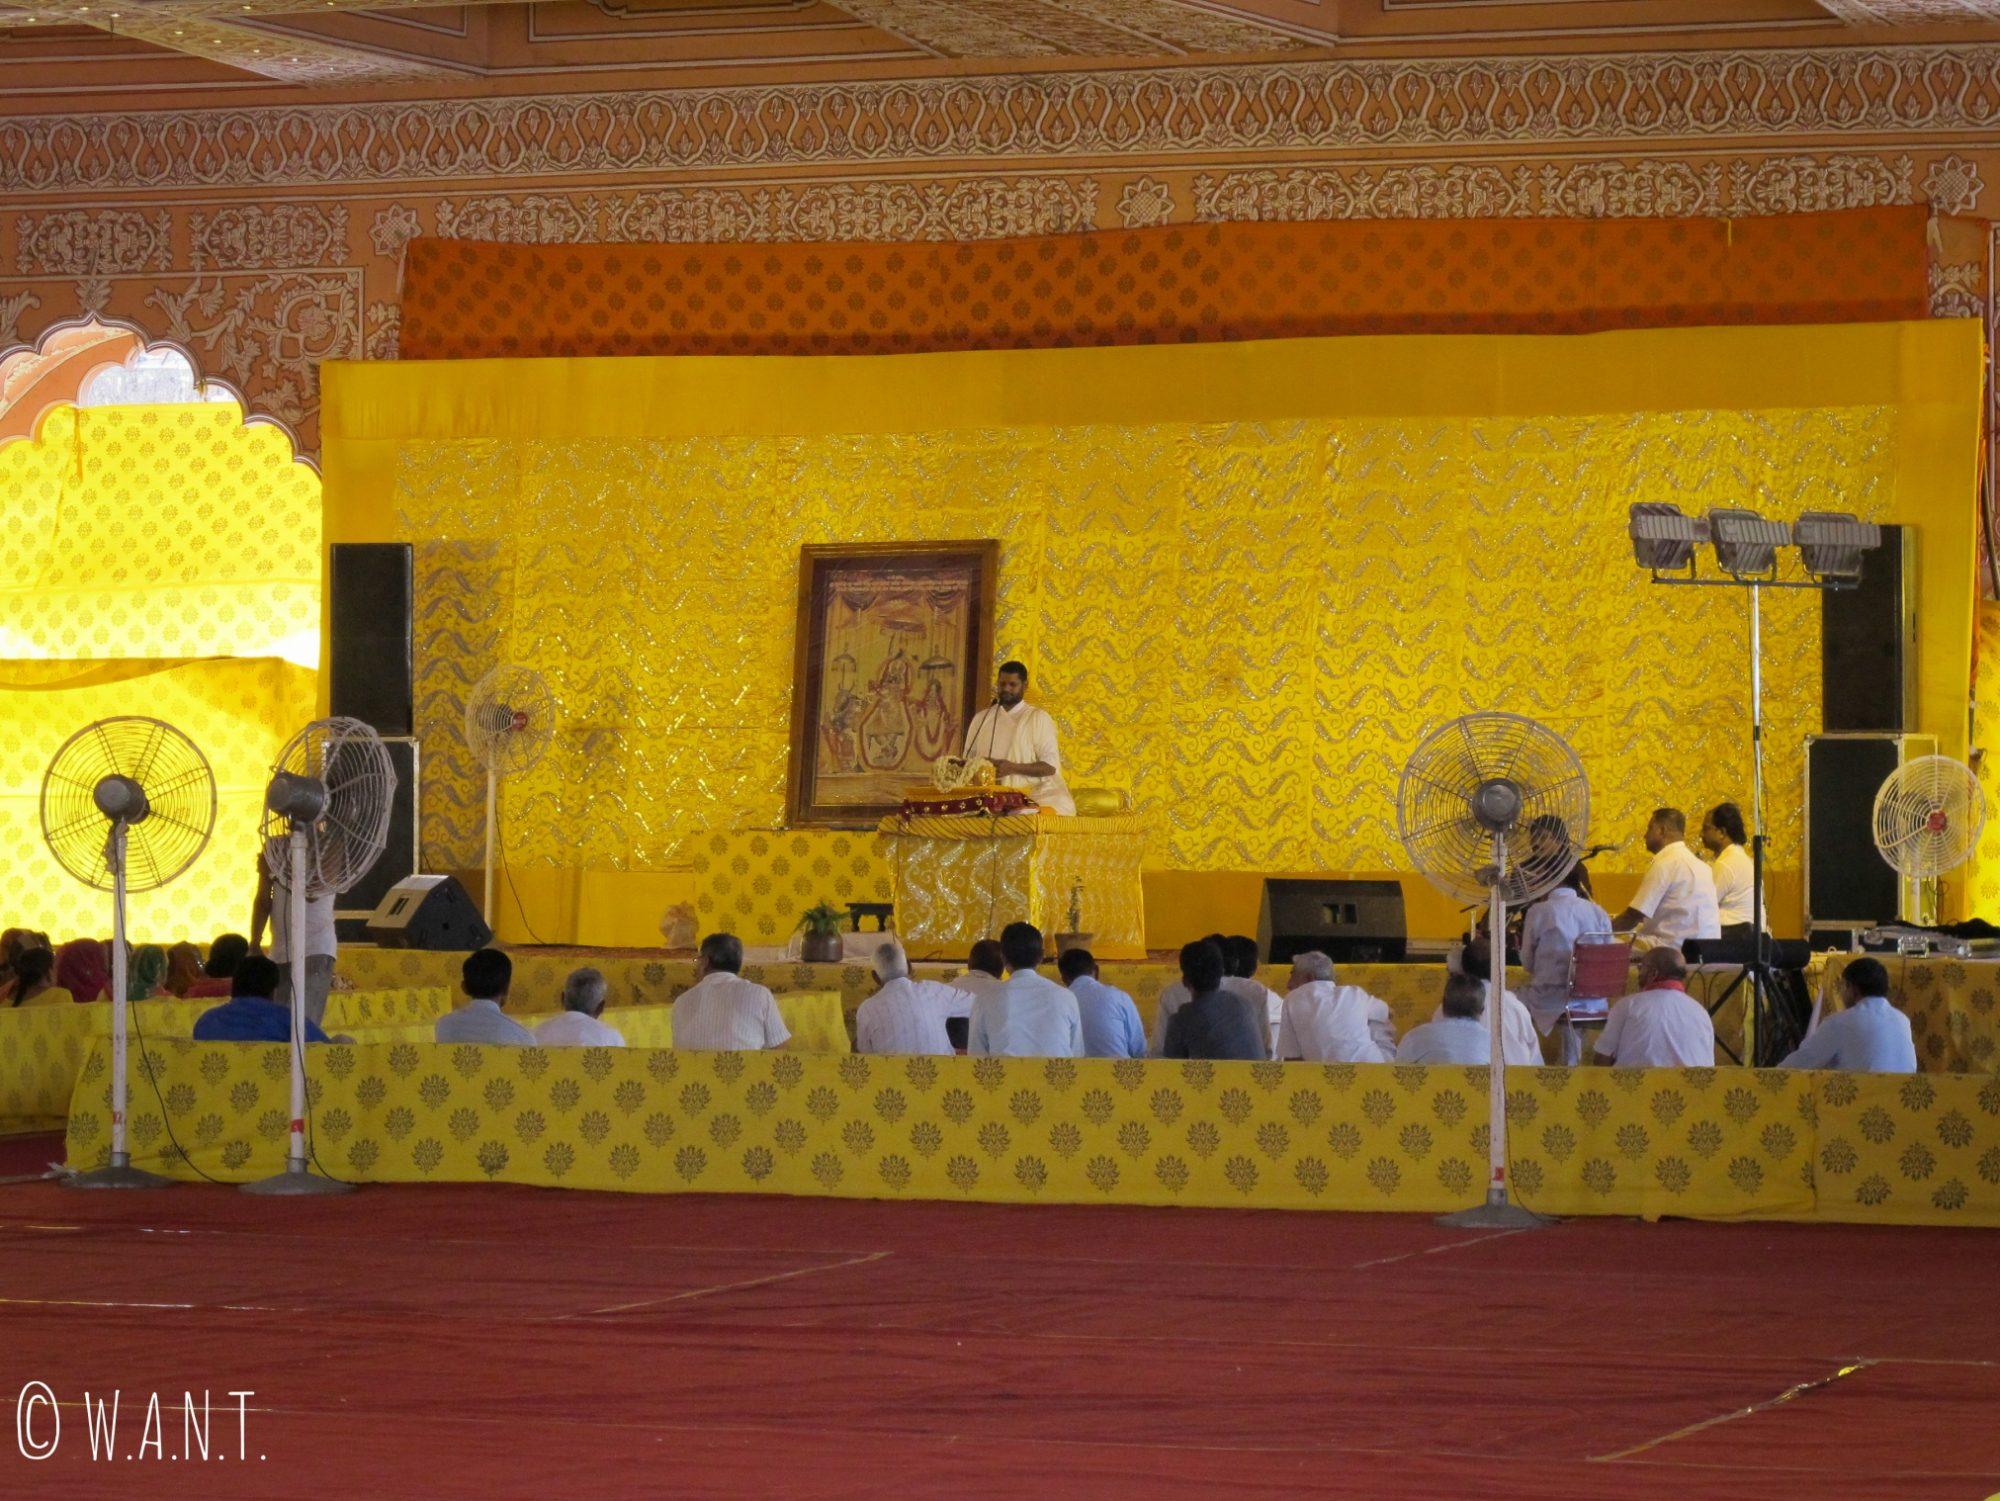 Cérémonie hindou en cours au temple Govind Devji à Jaipur